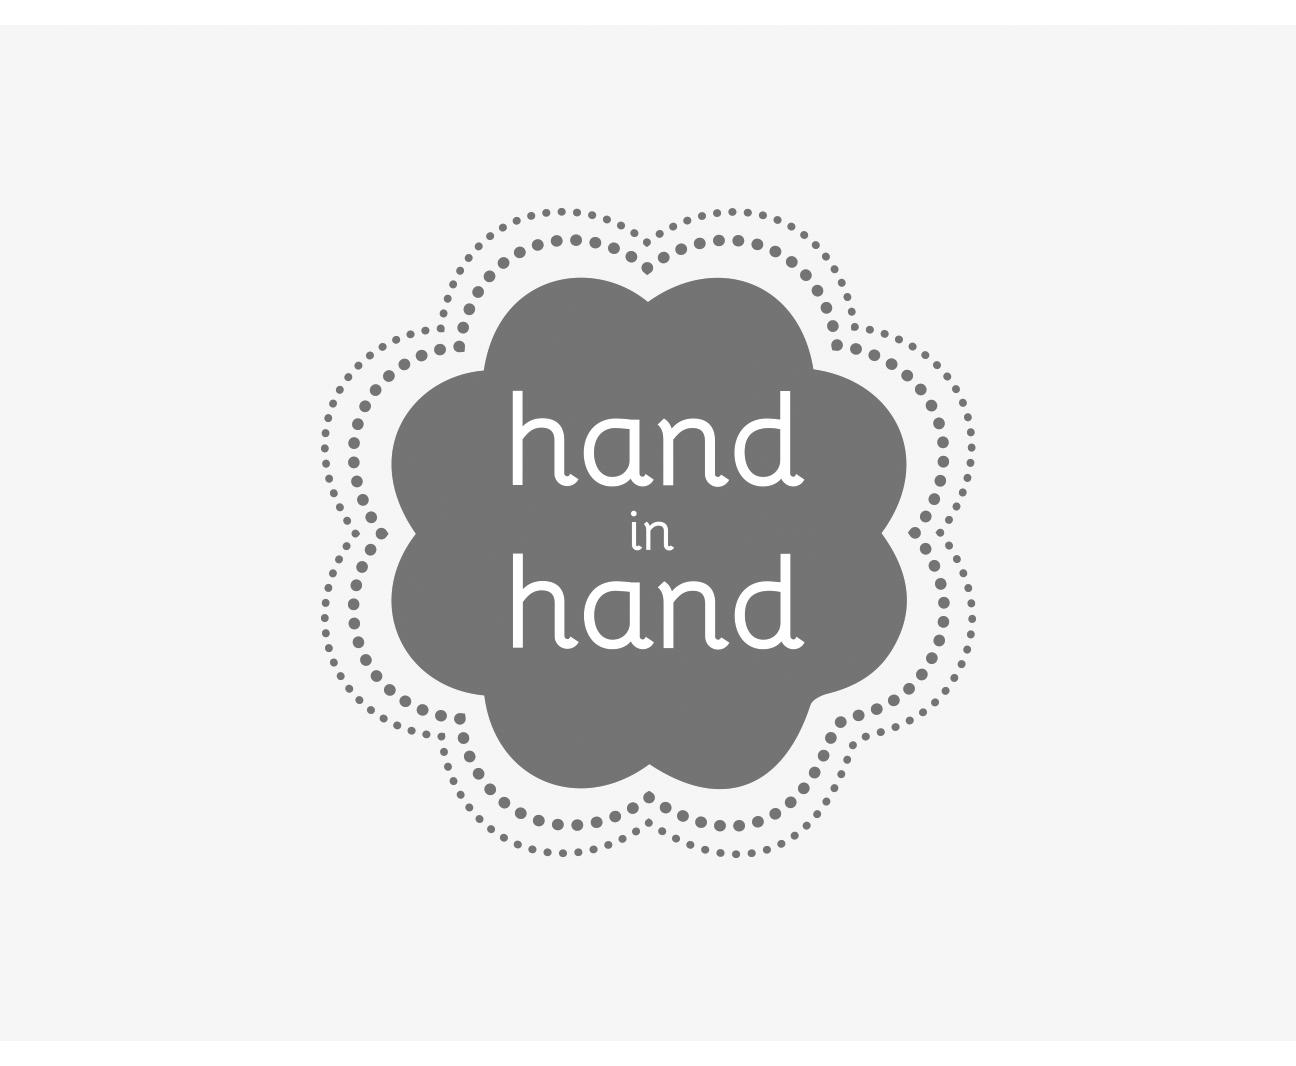 logo_handinhand_gs.jpg